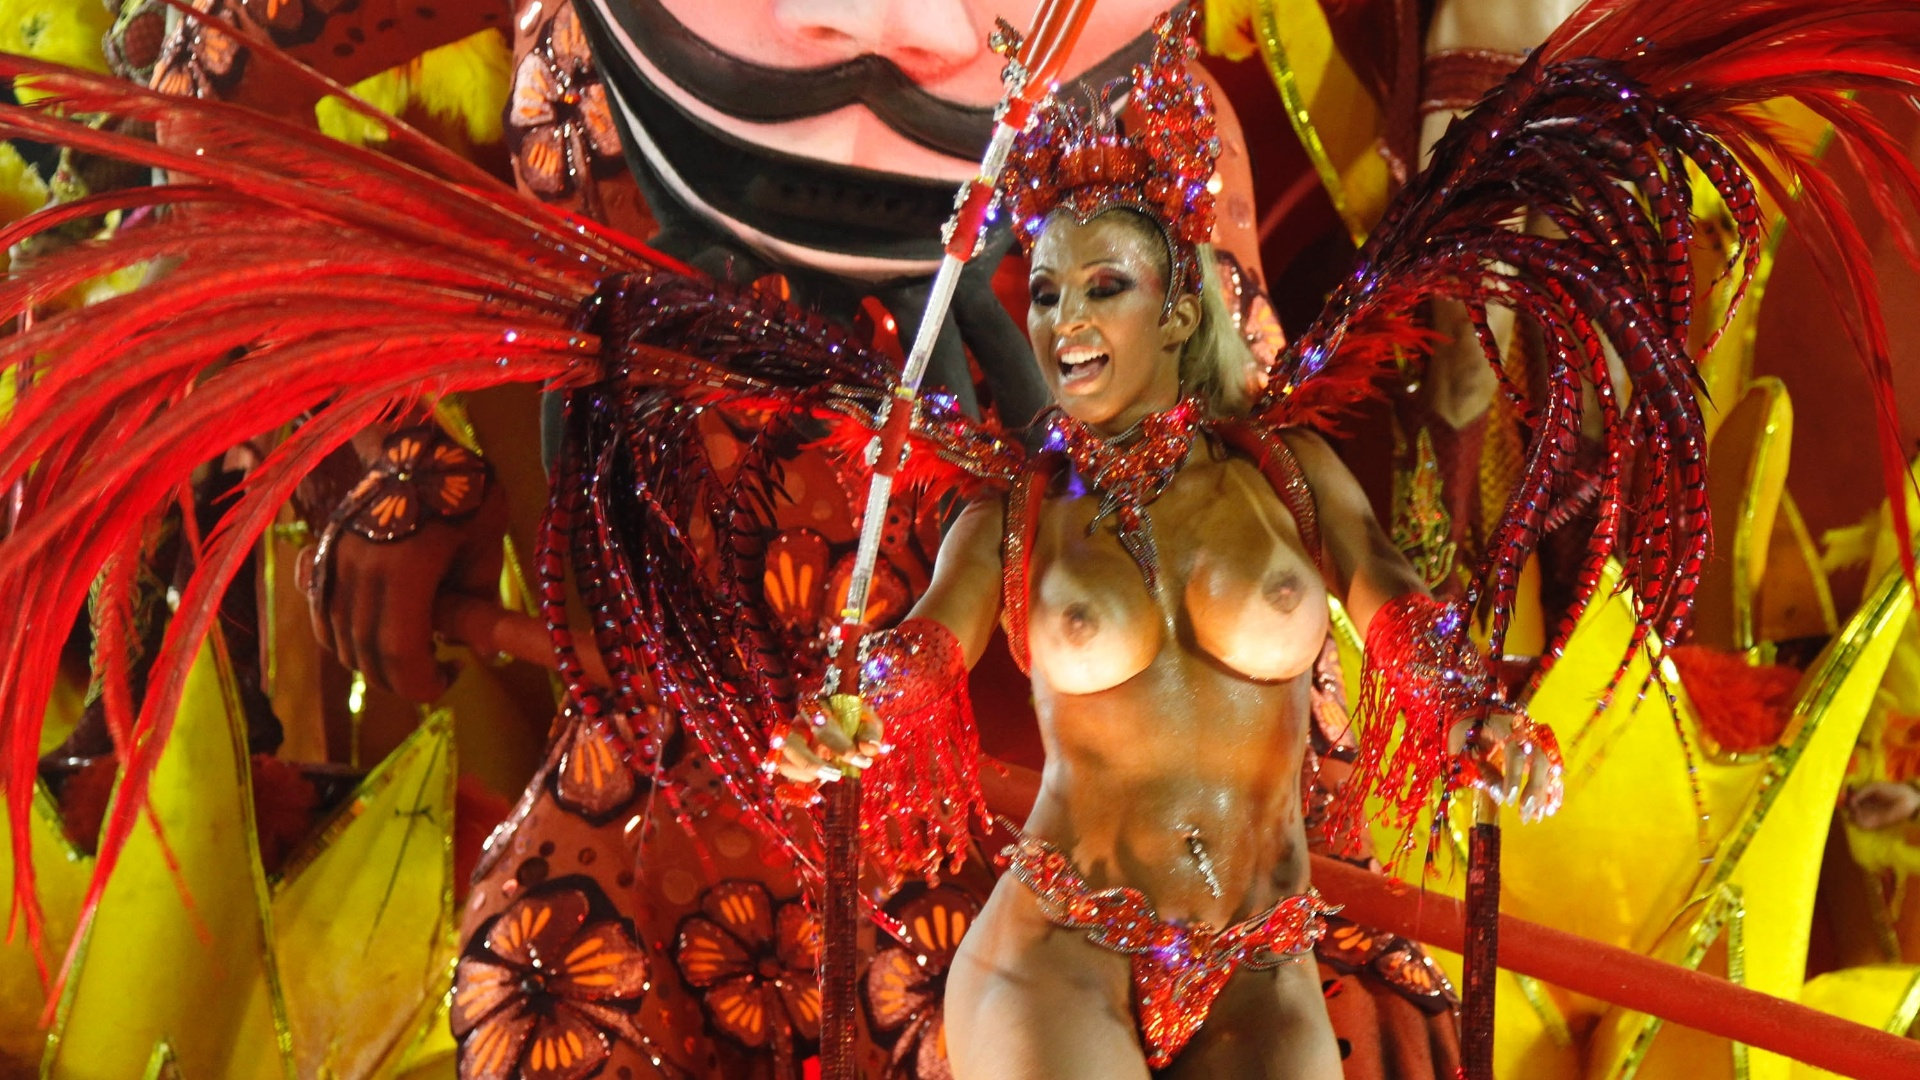 Pode Postar Fotos Dessas Mulheres Nuas No Carnaval